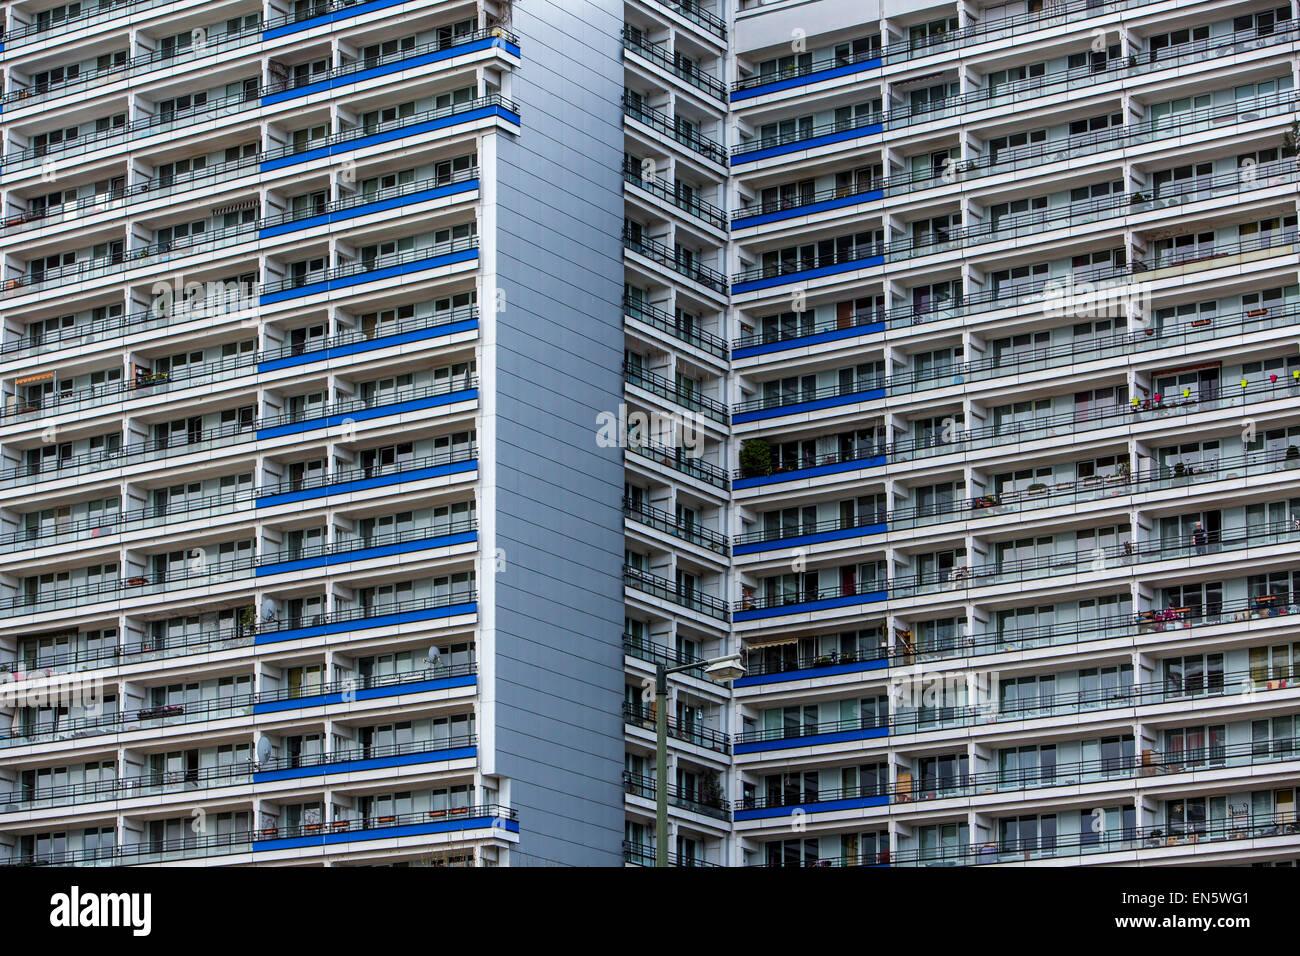 Apartamento rascacielos, hasta 25 pisos, construido en Ther 1960, Berlín oriental, más de 2.000 apartamentos, Imagen De Stock